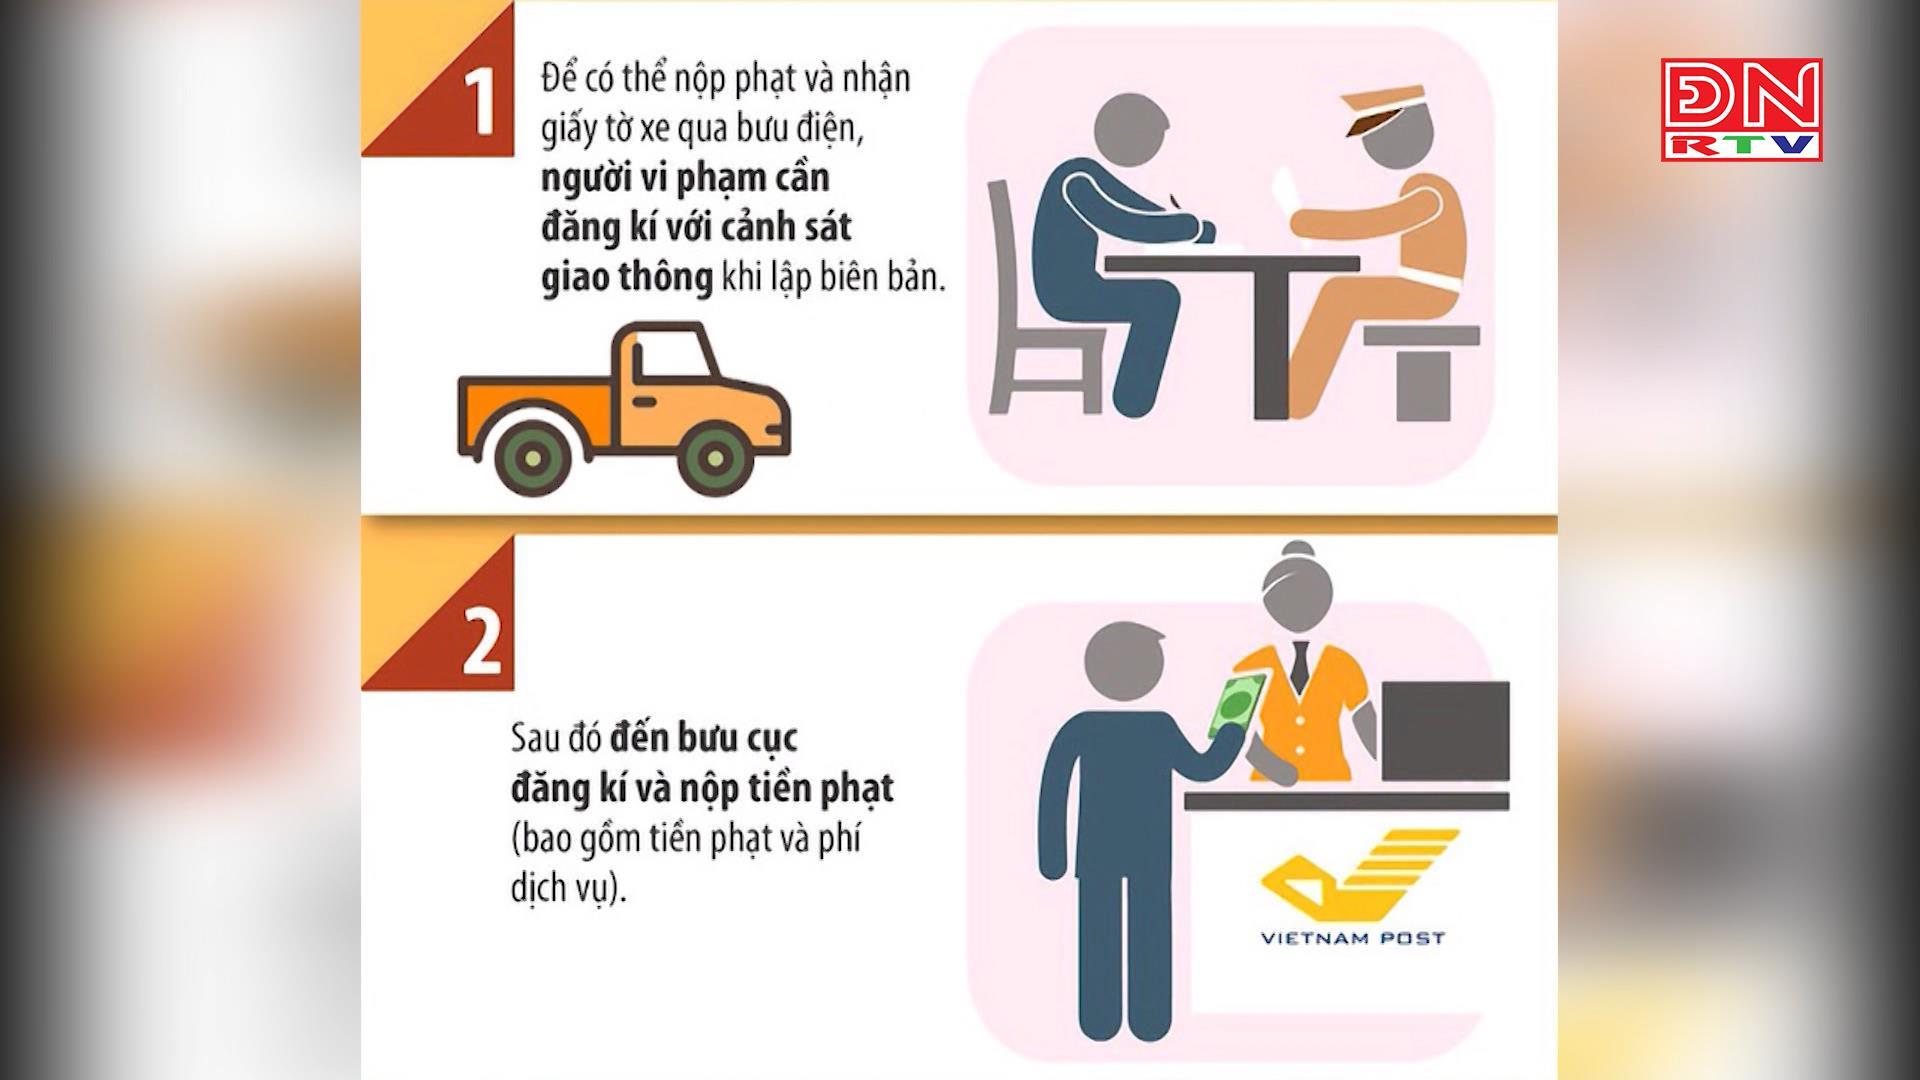 Tiện ích khi trả hồ sơ xử phạt giao thông qua bưu điện